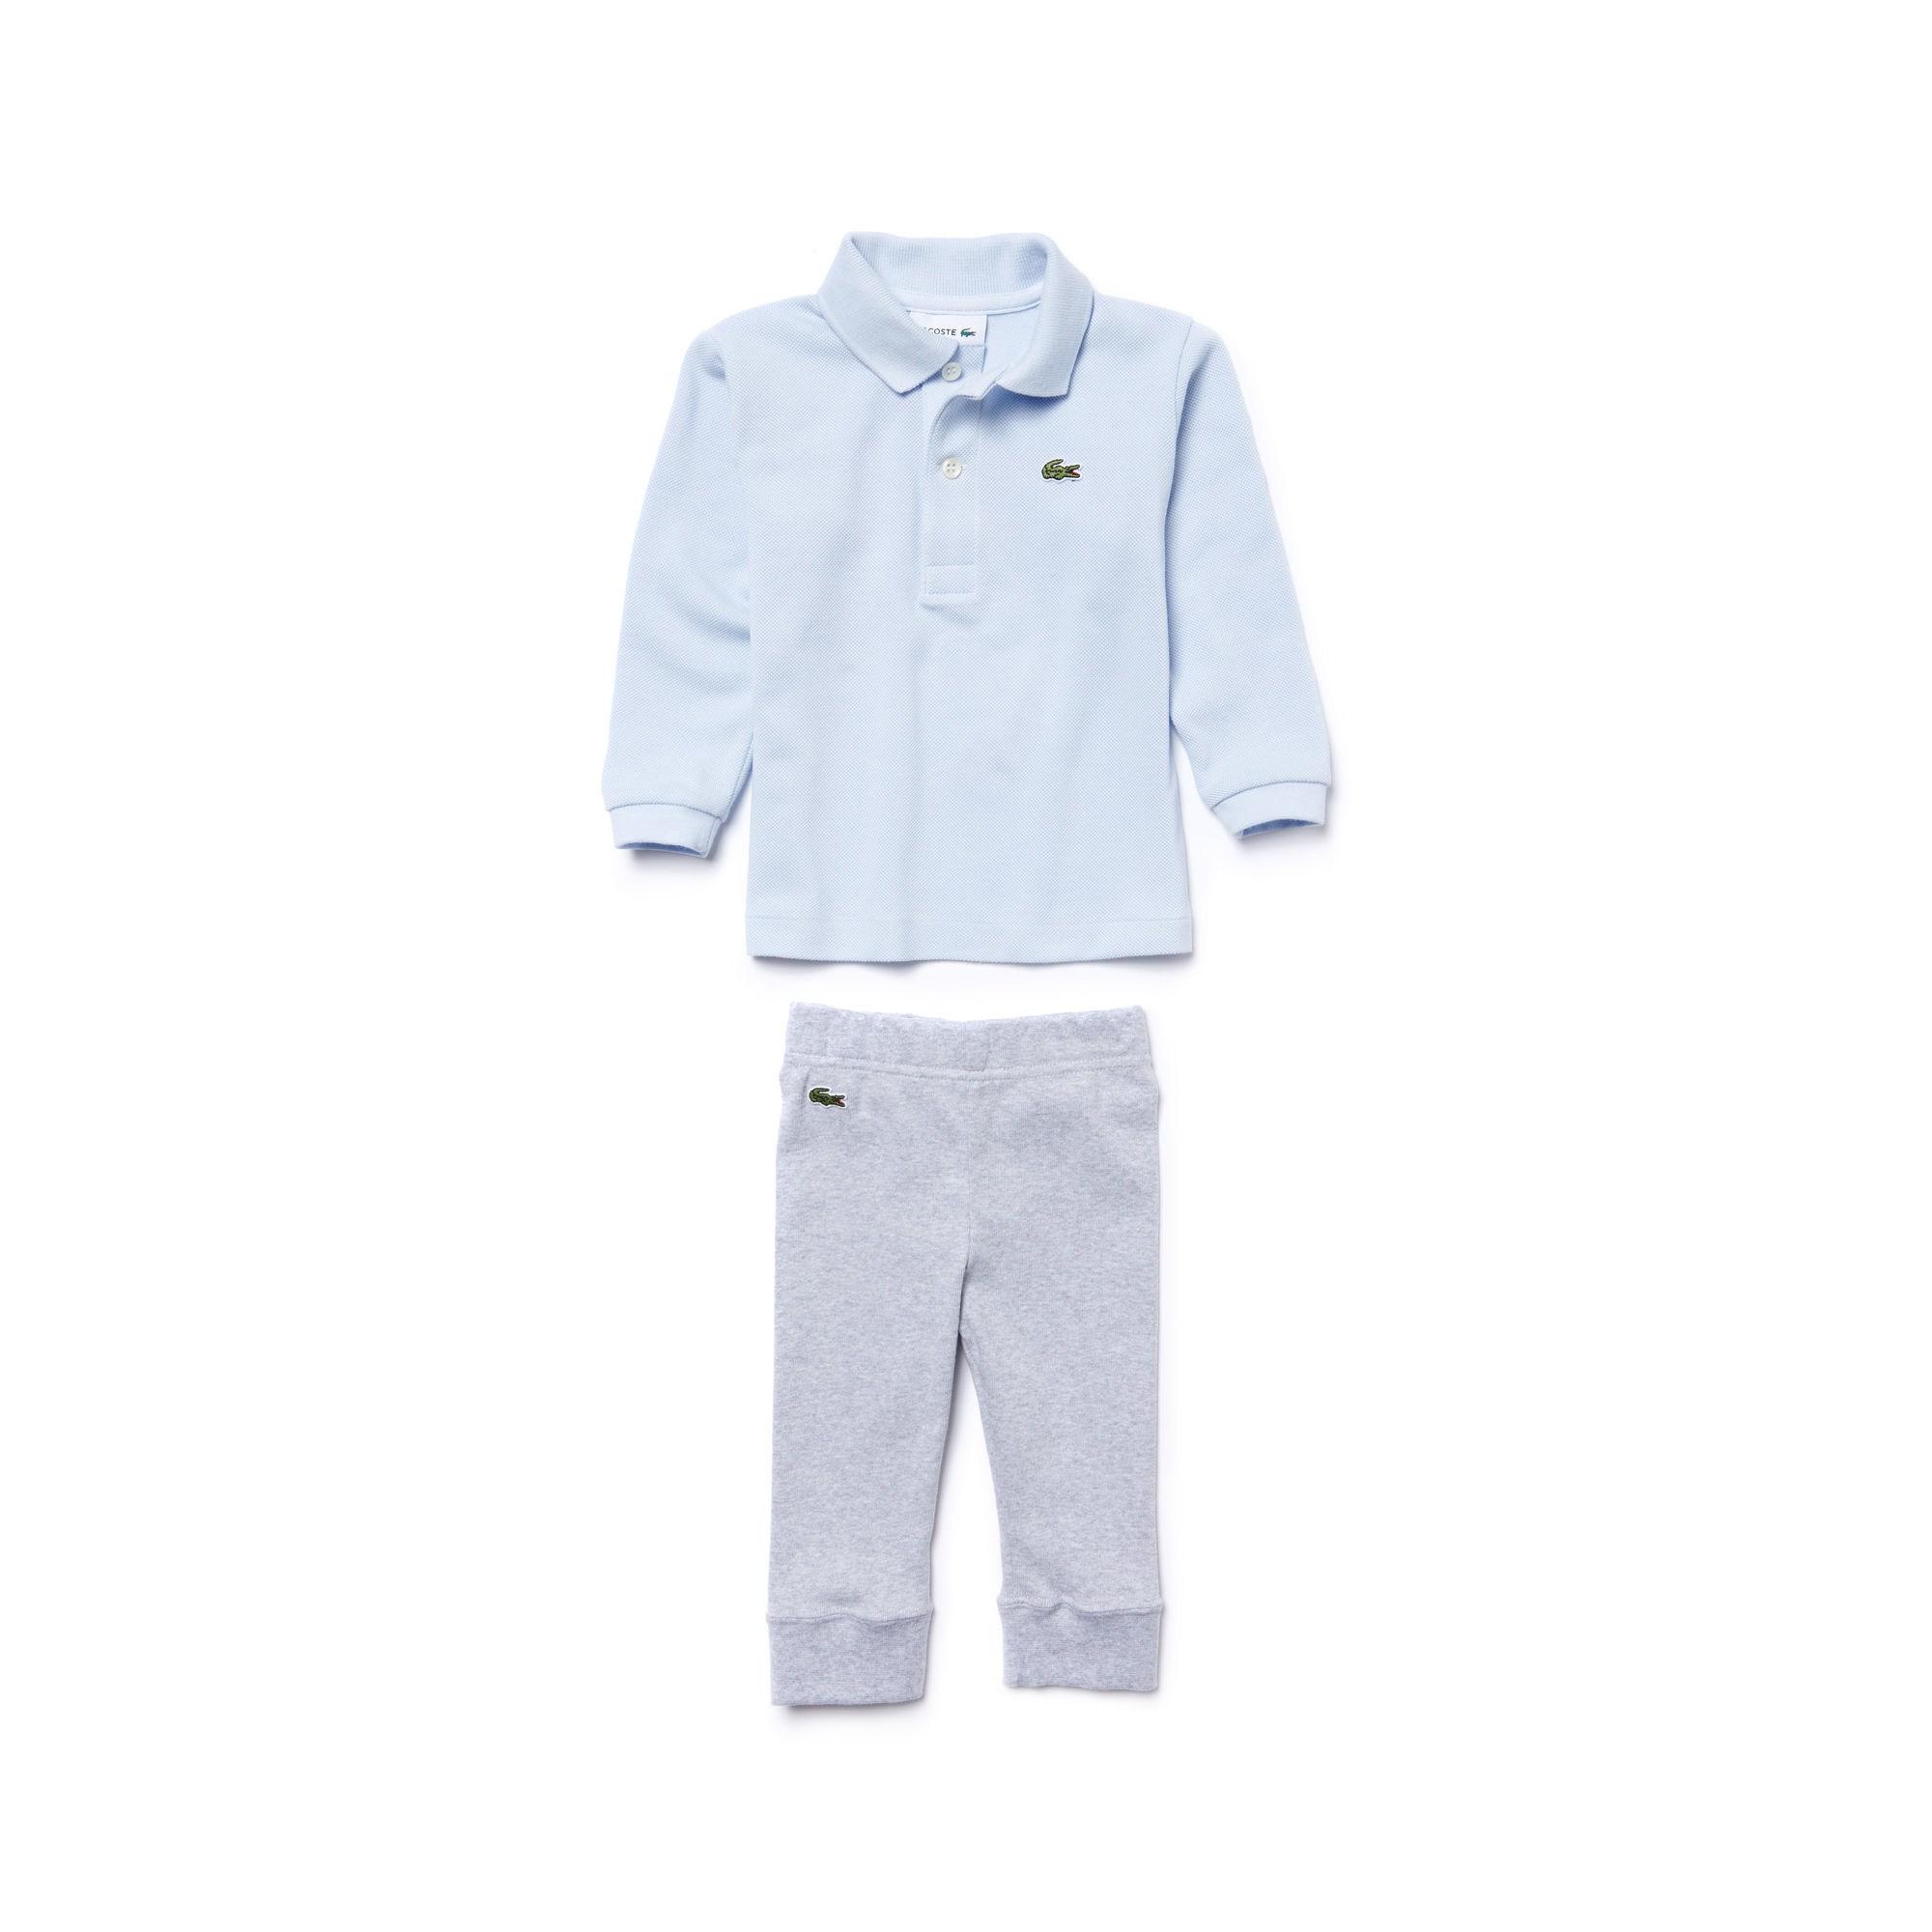 Купить Детский спортивный костюм Lacoste, голубой, 4J7442